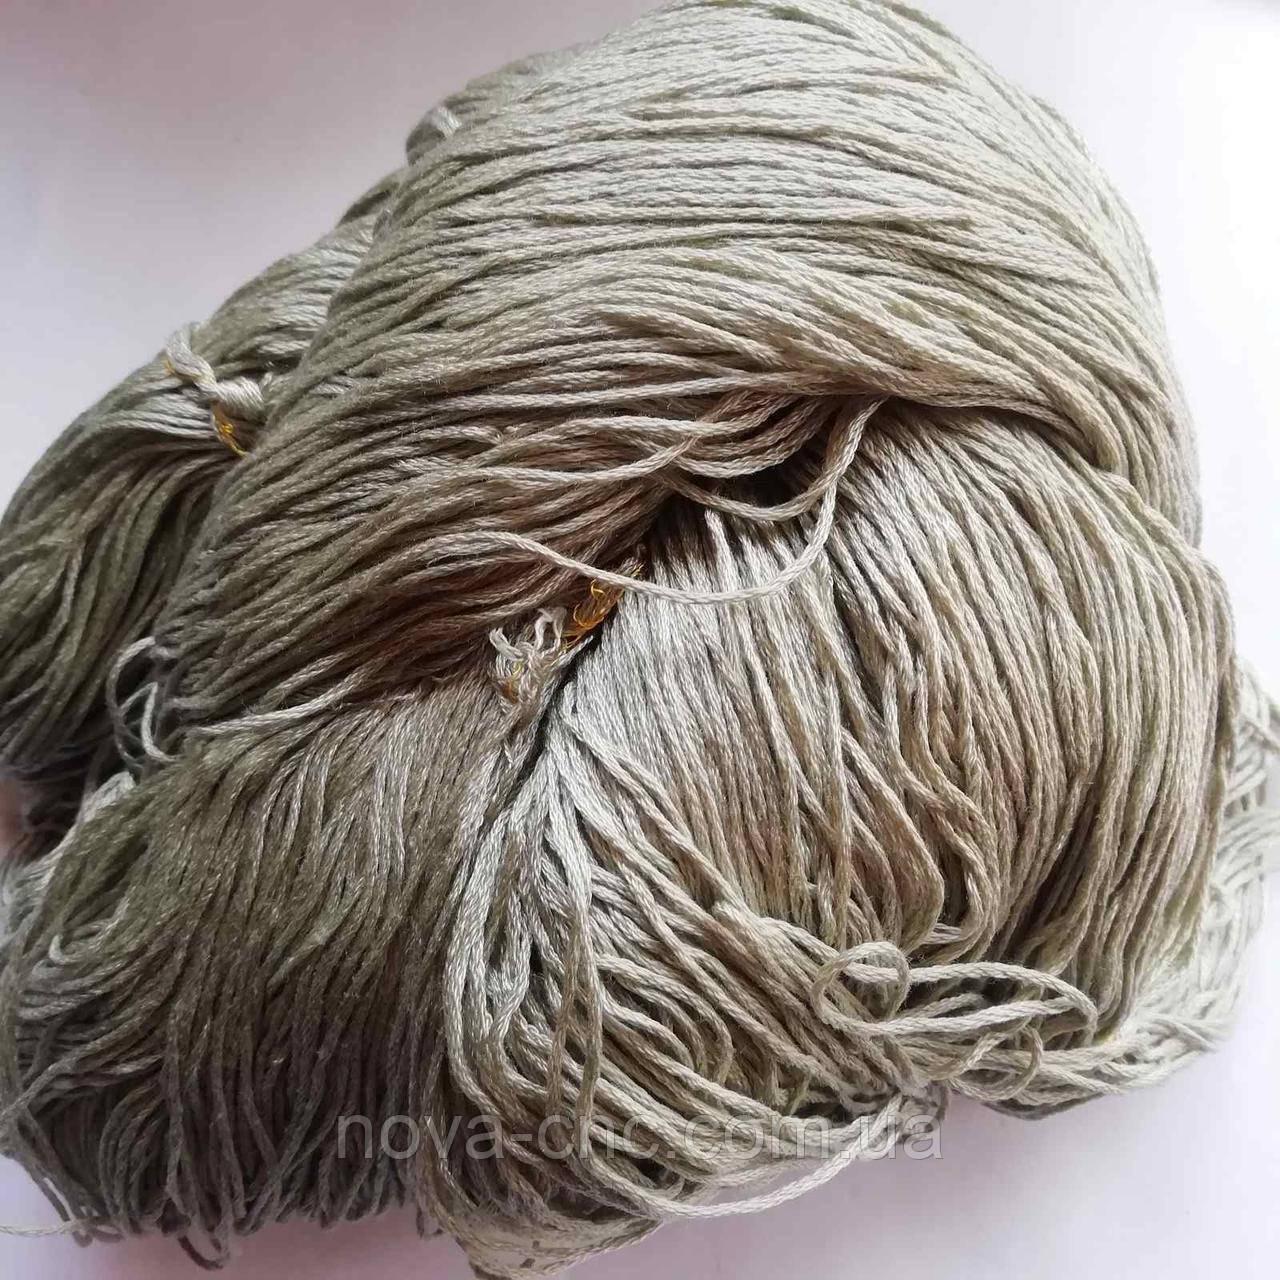 Нитки  Мулине Цвет оливковый упаковка 255г.